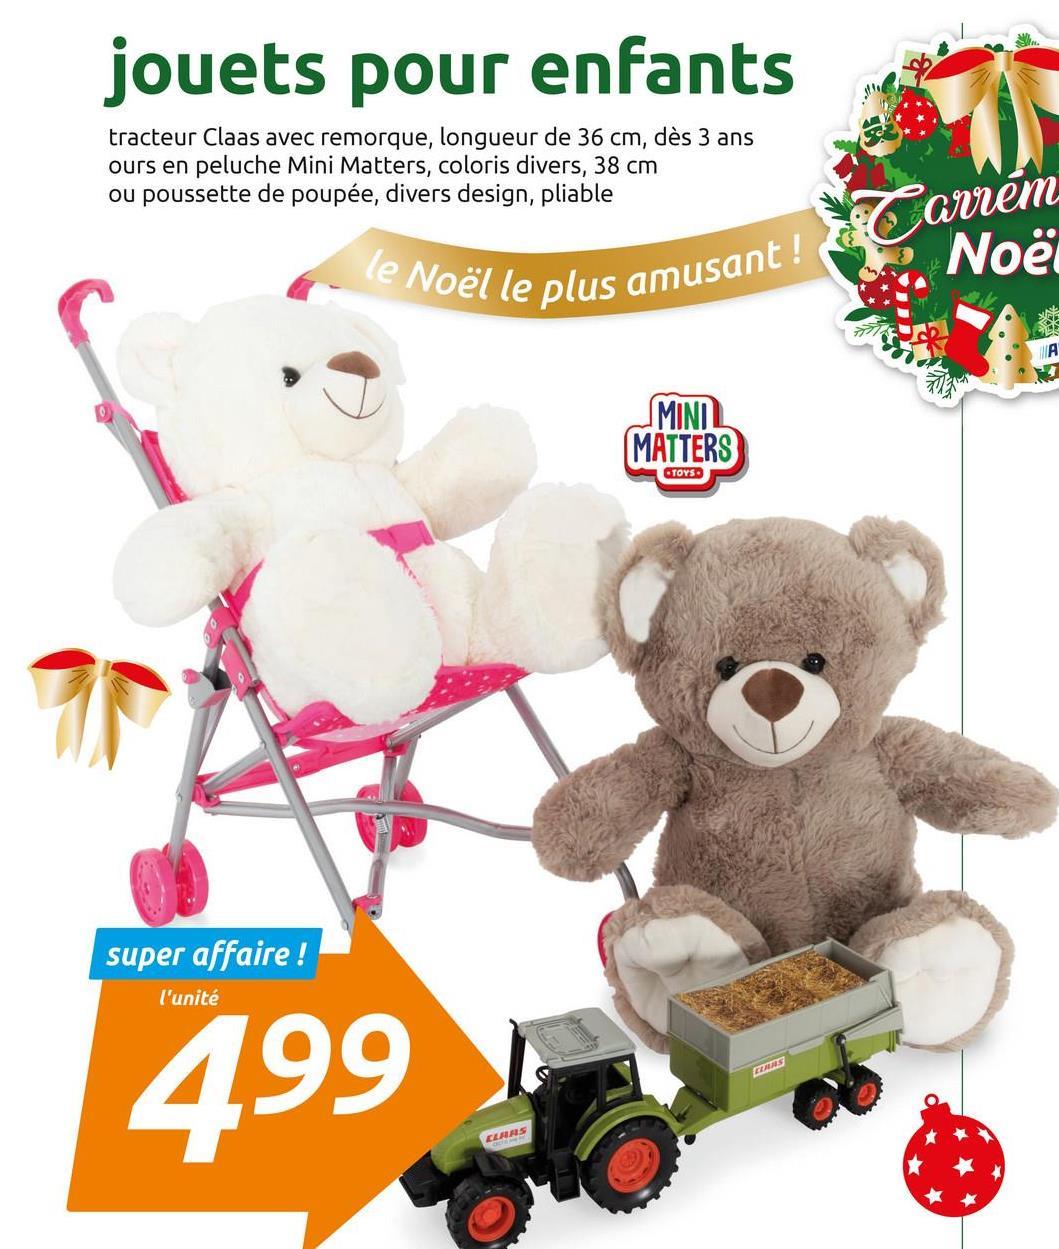 jouets pour enfants tracteur Claas avec remorque, longueur de 36 cm, dès 3 ans ours en peluche Mini Matters, coloris divers, 38 cm ou poussette de poupée, divers design, pliable Carrém le Noël le pl Noël pel le plus amusant ! IL MINIL MATTERS TOYS super affaire ! l'unité ETUS 499